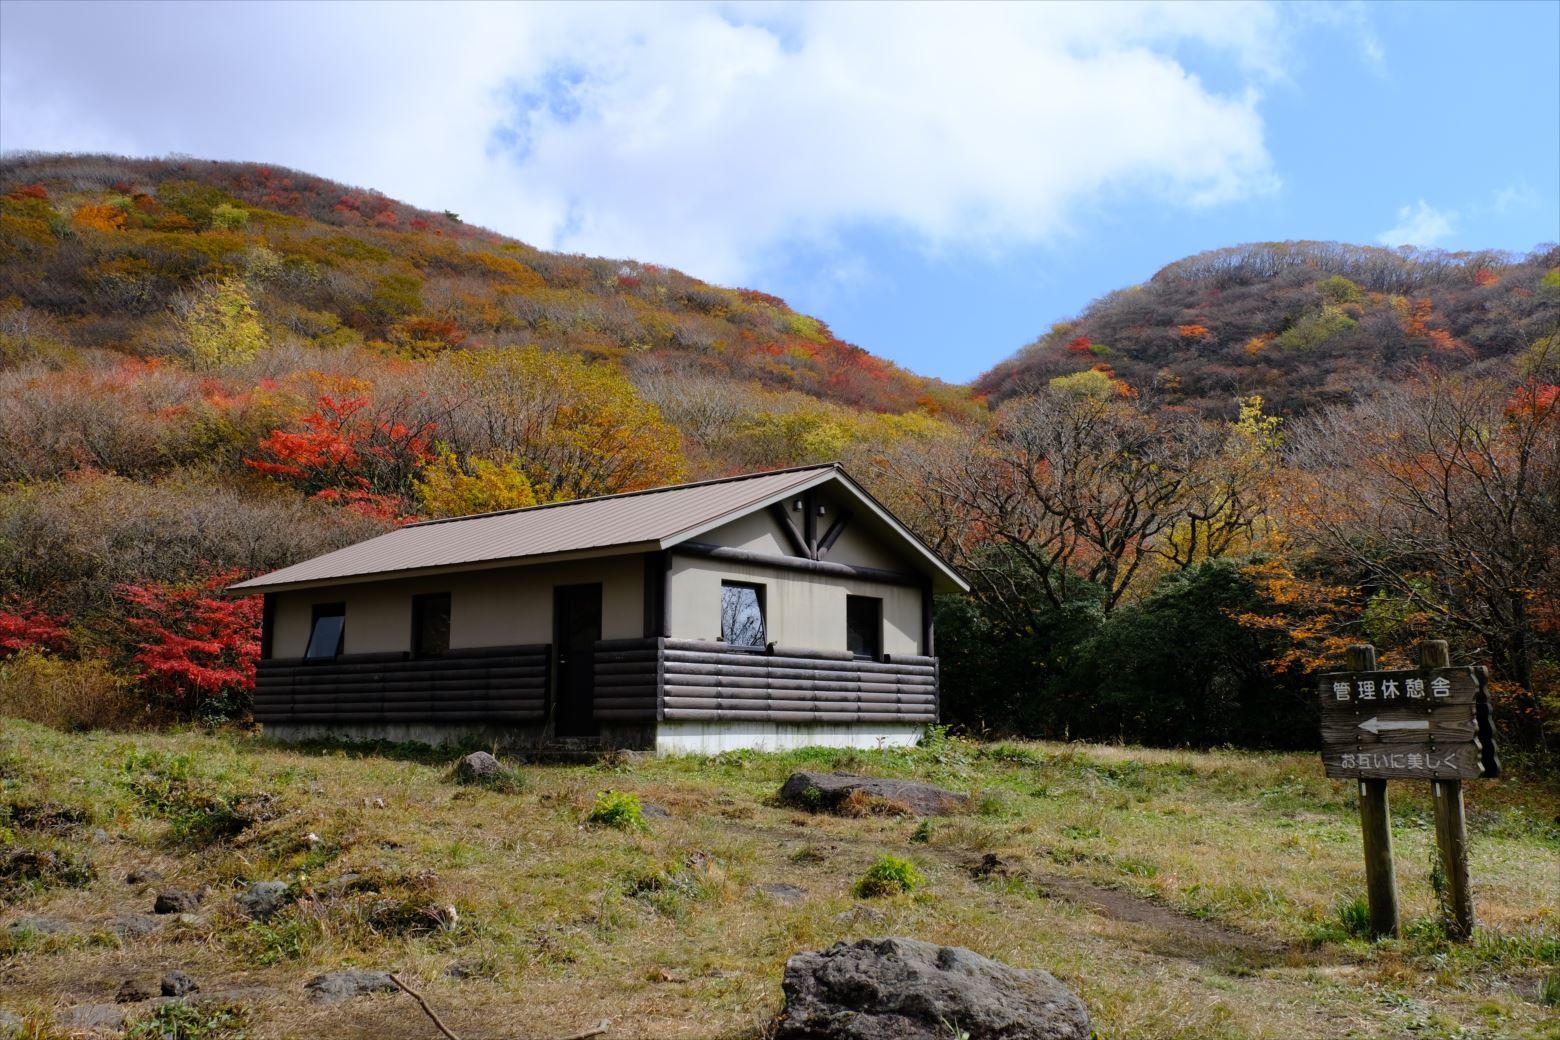 【紅葉登山】くじゅう連山(大船山) (25)